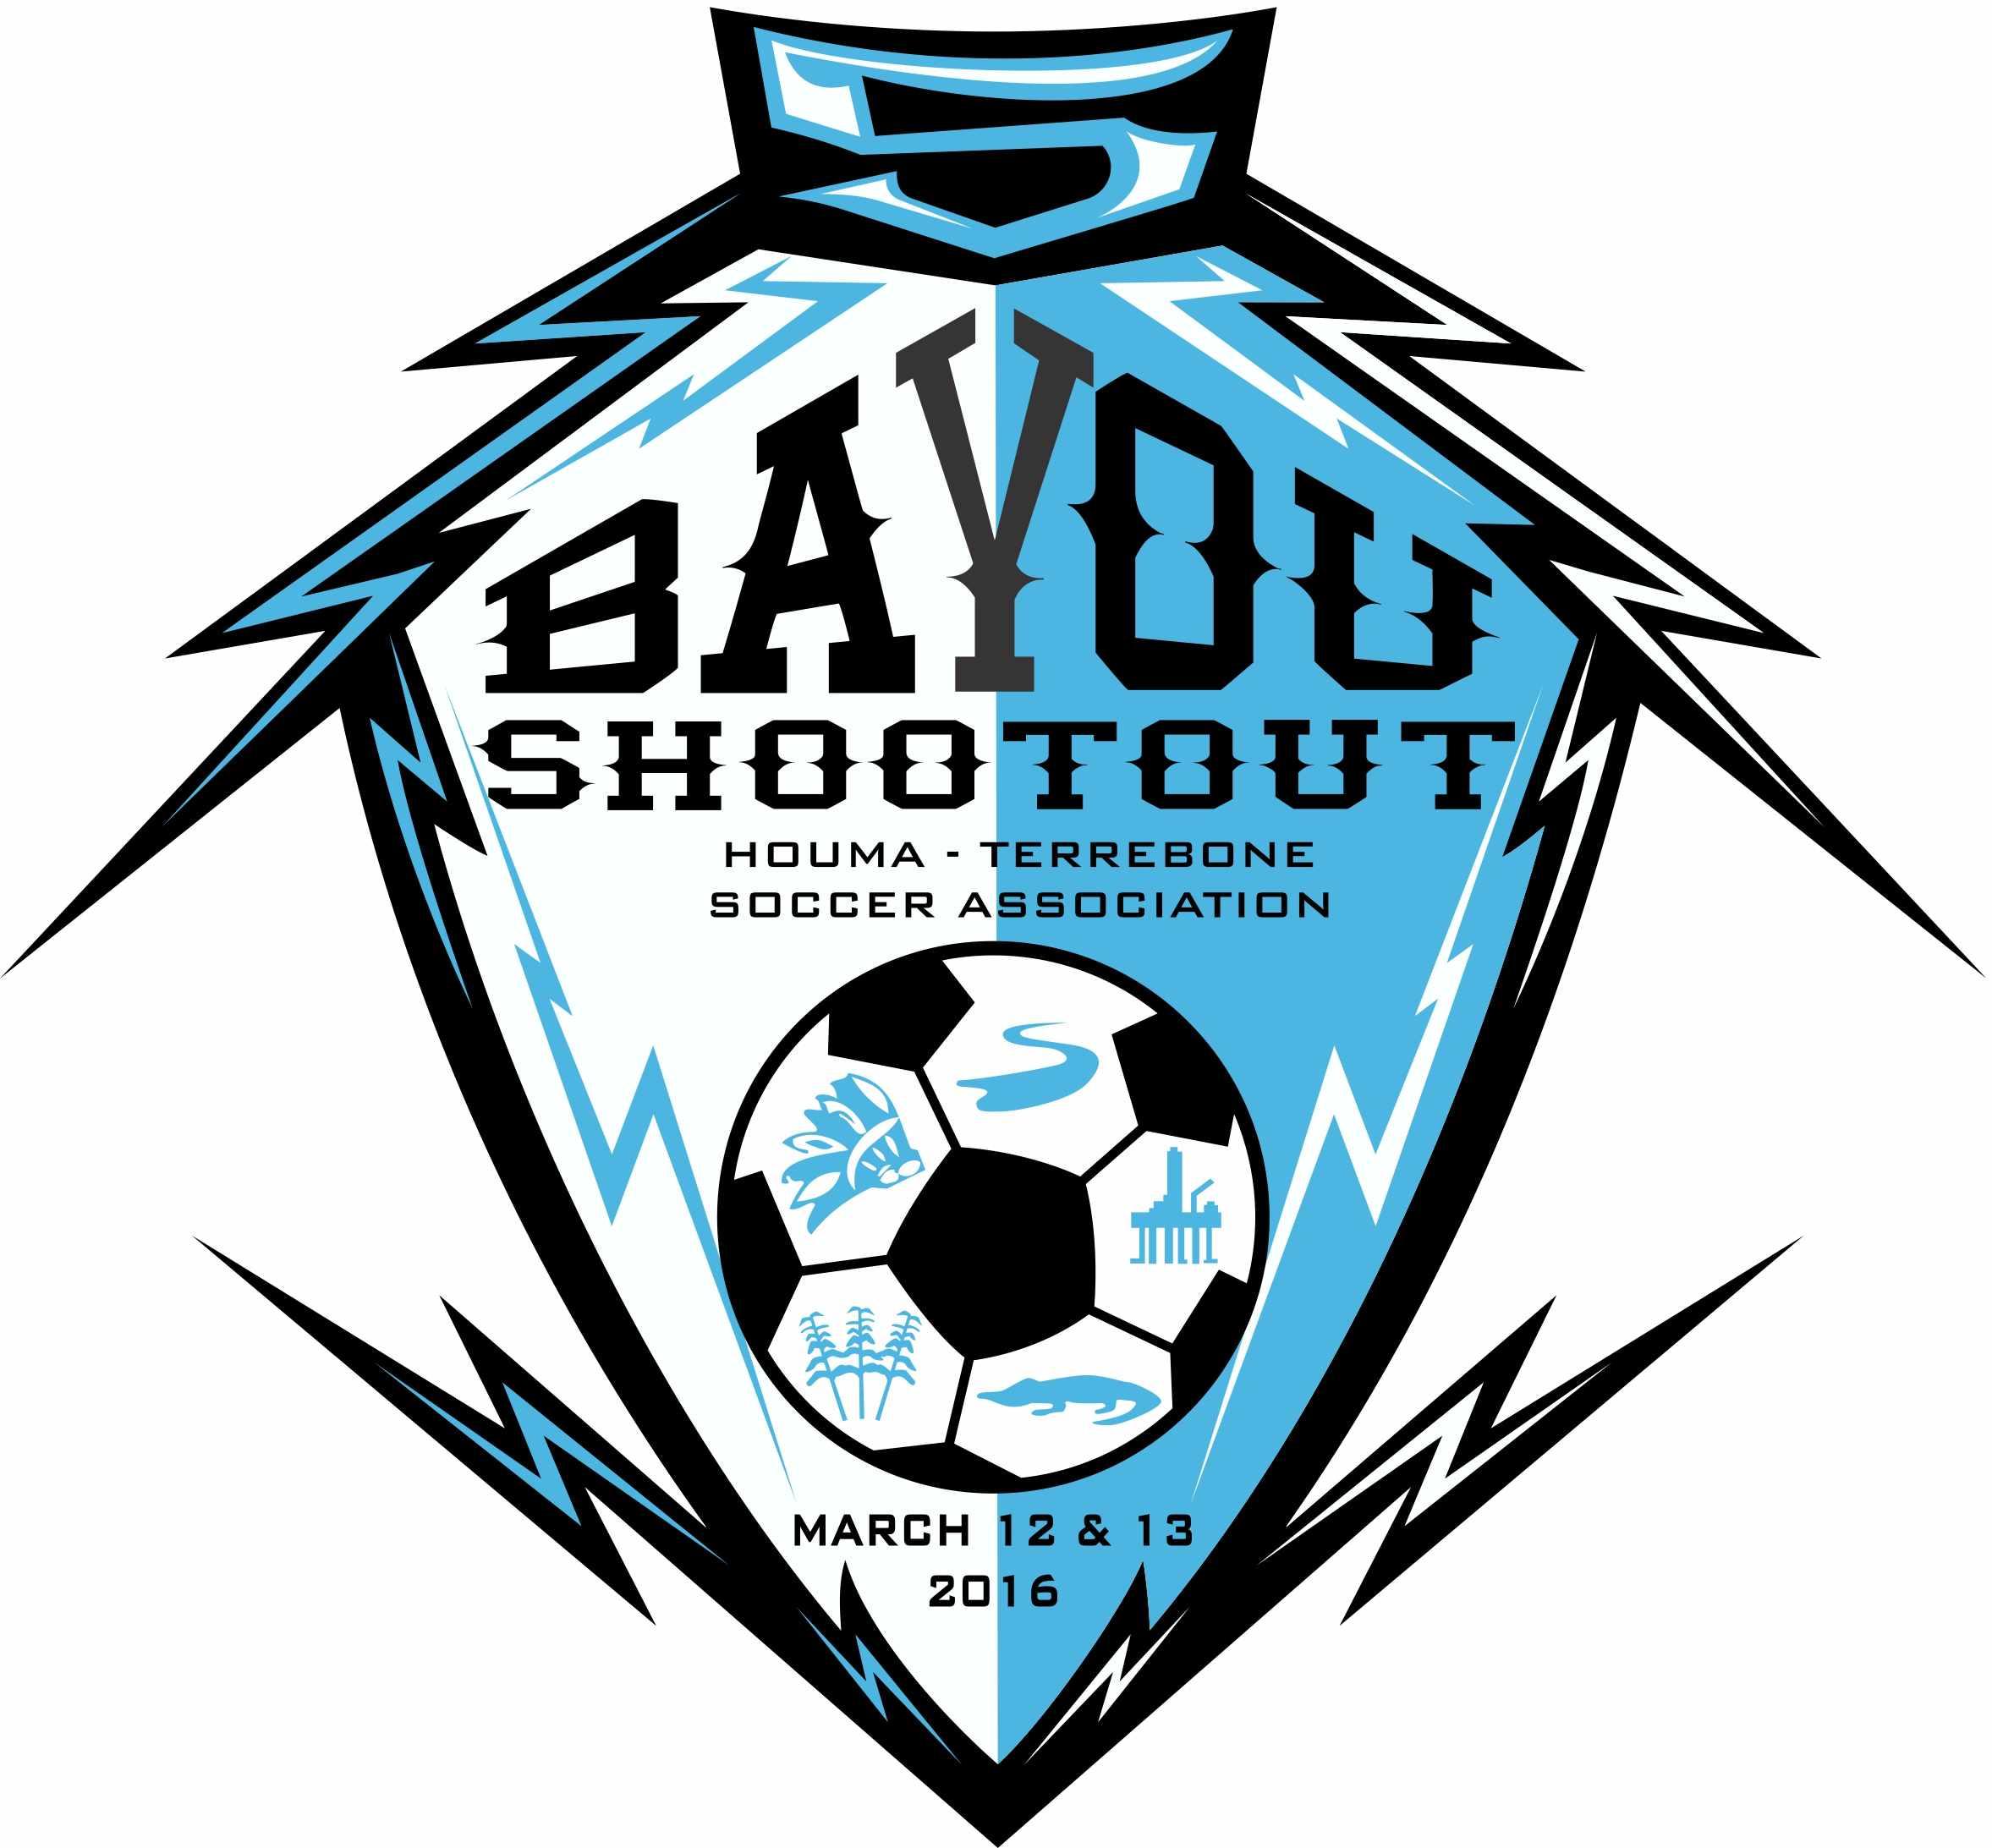 bayou shootout 5